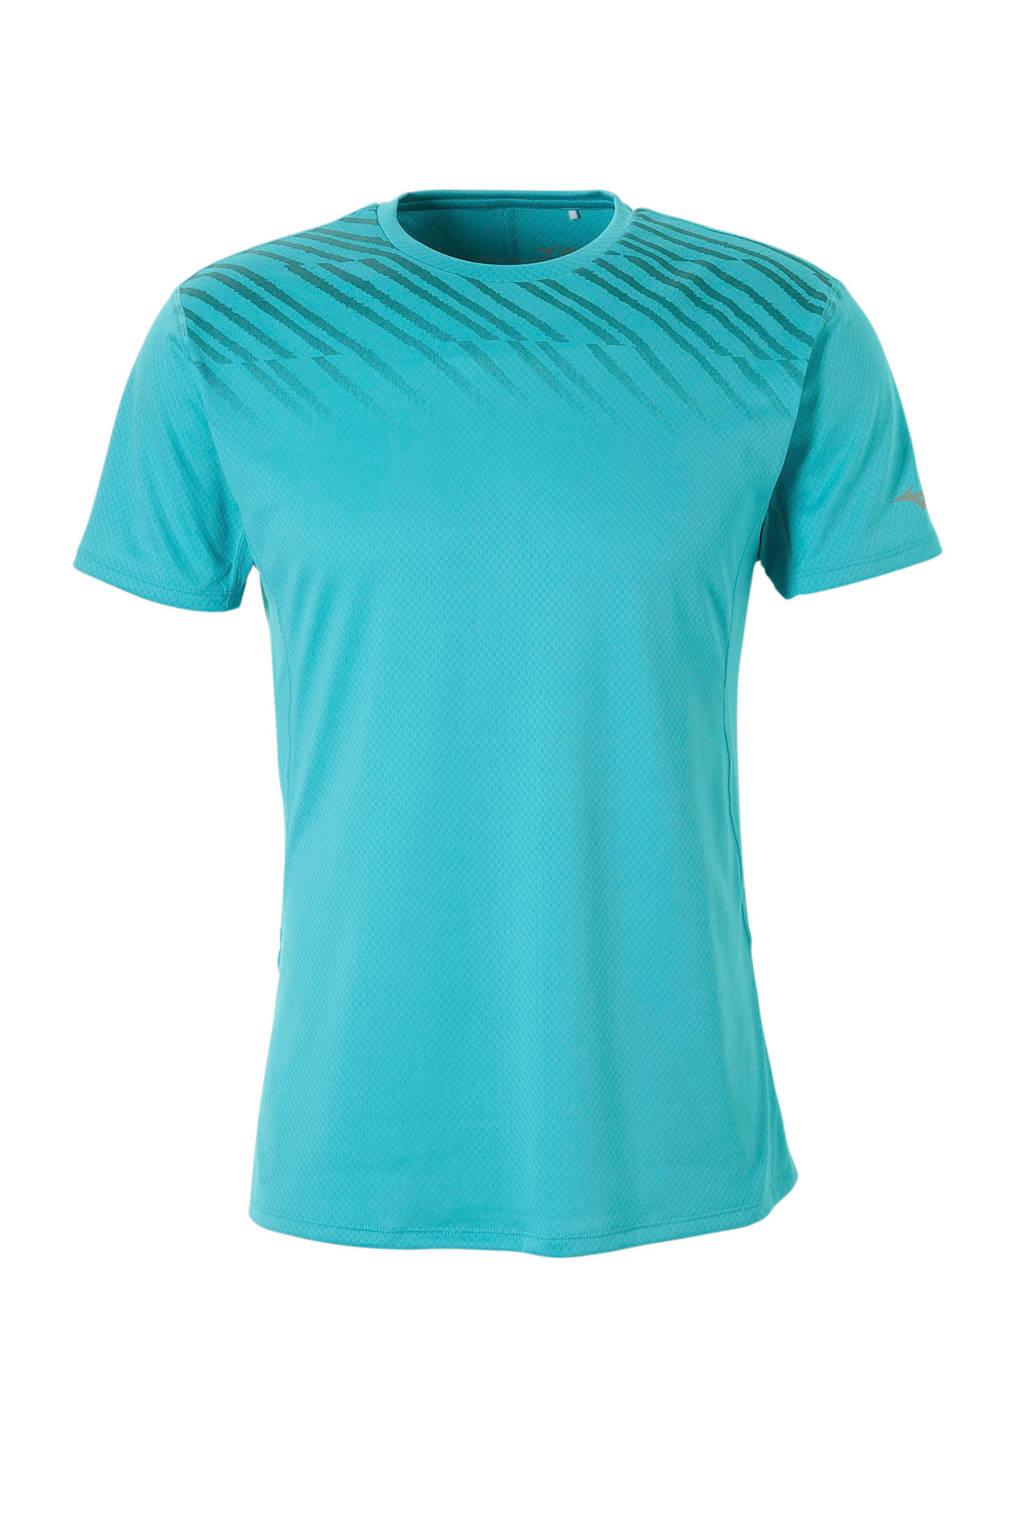 Mizuno   sport T-shirt blauw, Blauw